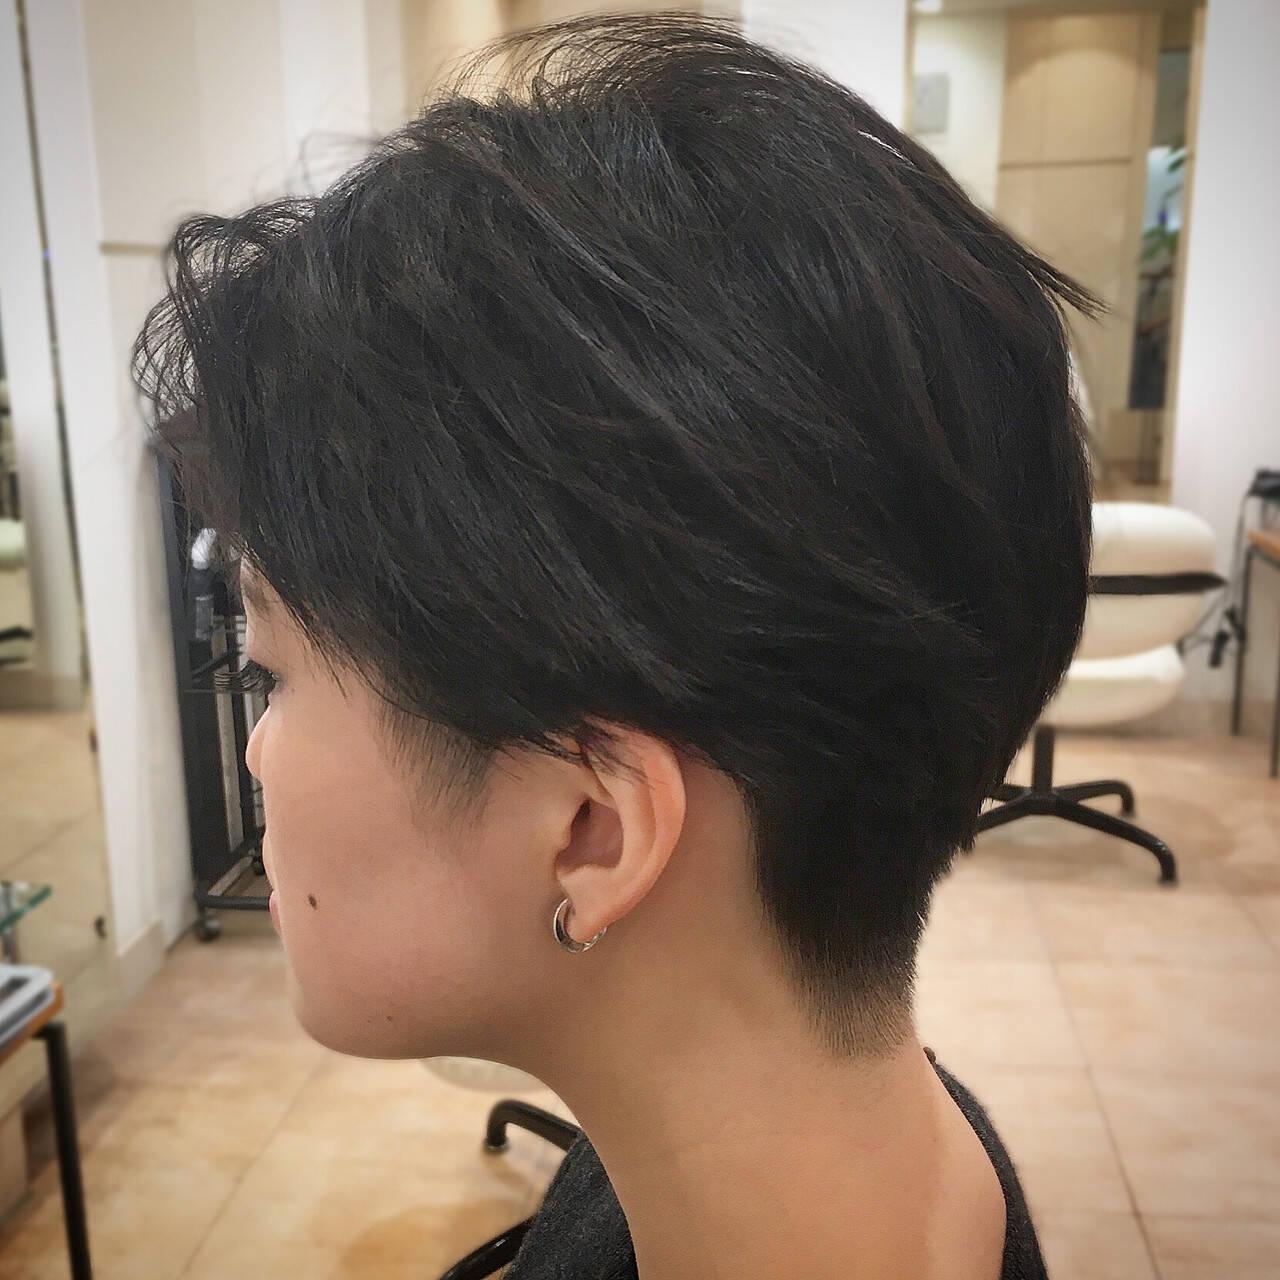 刈り上げ ツーブロック モード ショートヘアスタイルや髪型の写真・画像